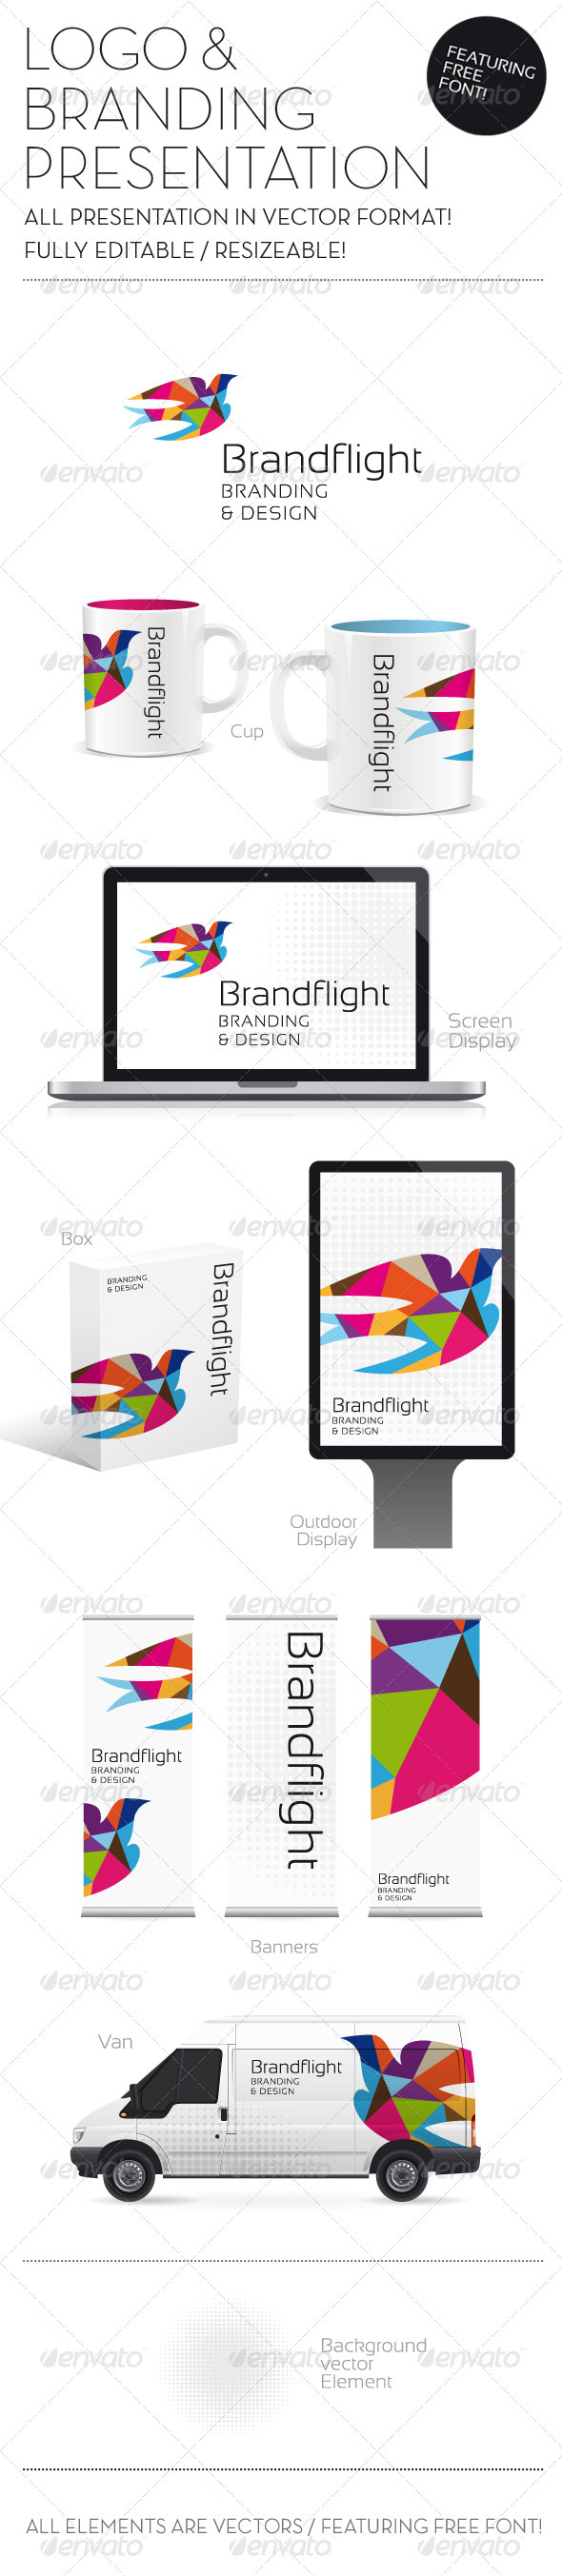 GraphicRiver Logo & Branding Presentation 852940